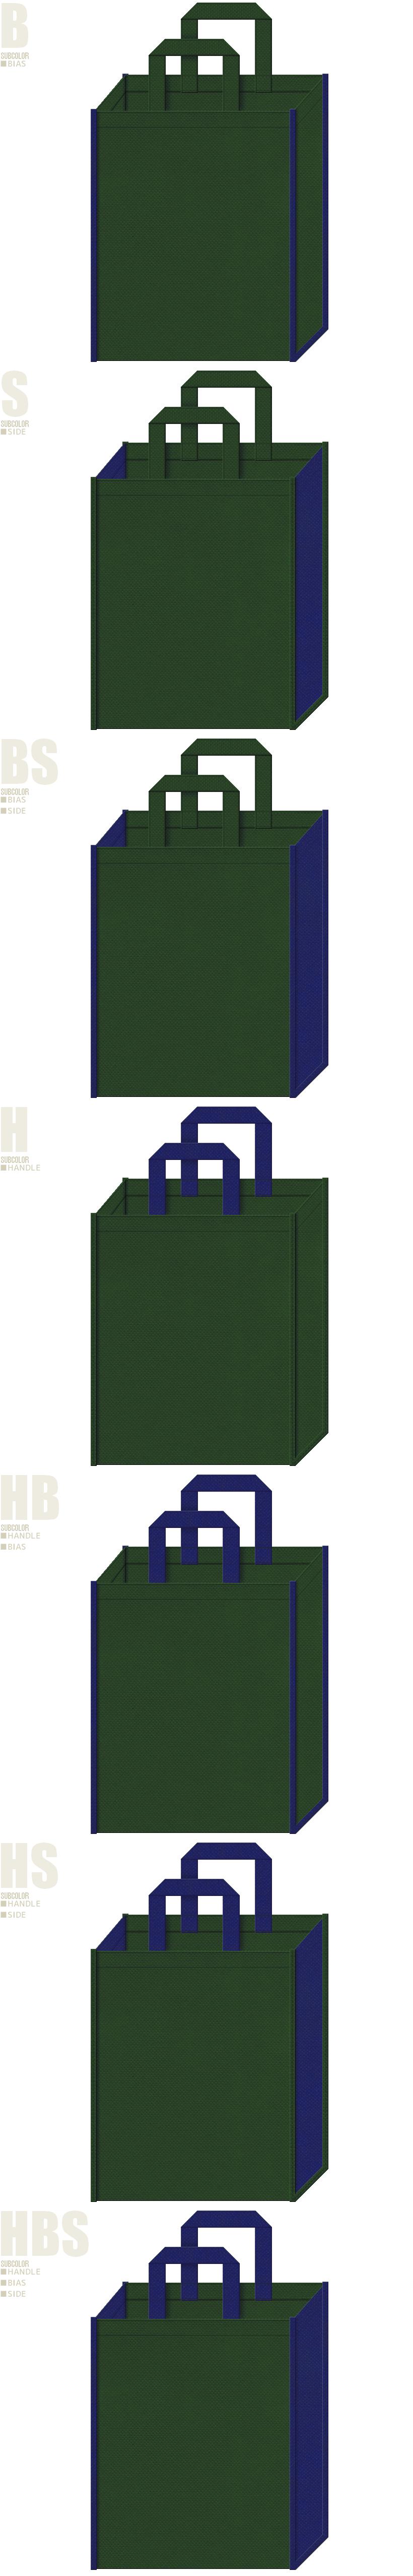 不織布バッグのデザイン:濃緑色と明るい紺色の配色7パターン